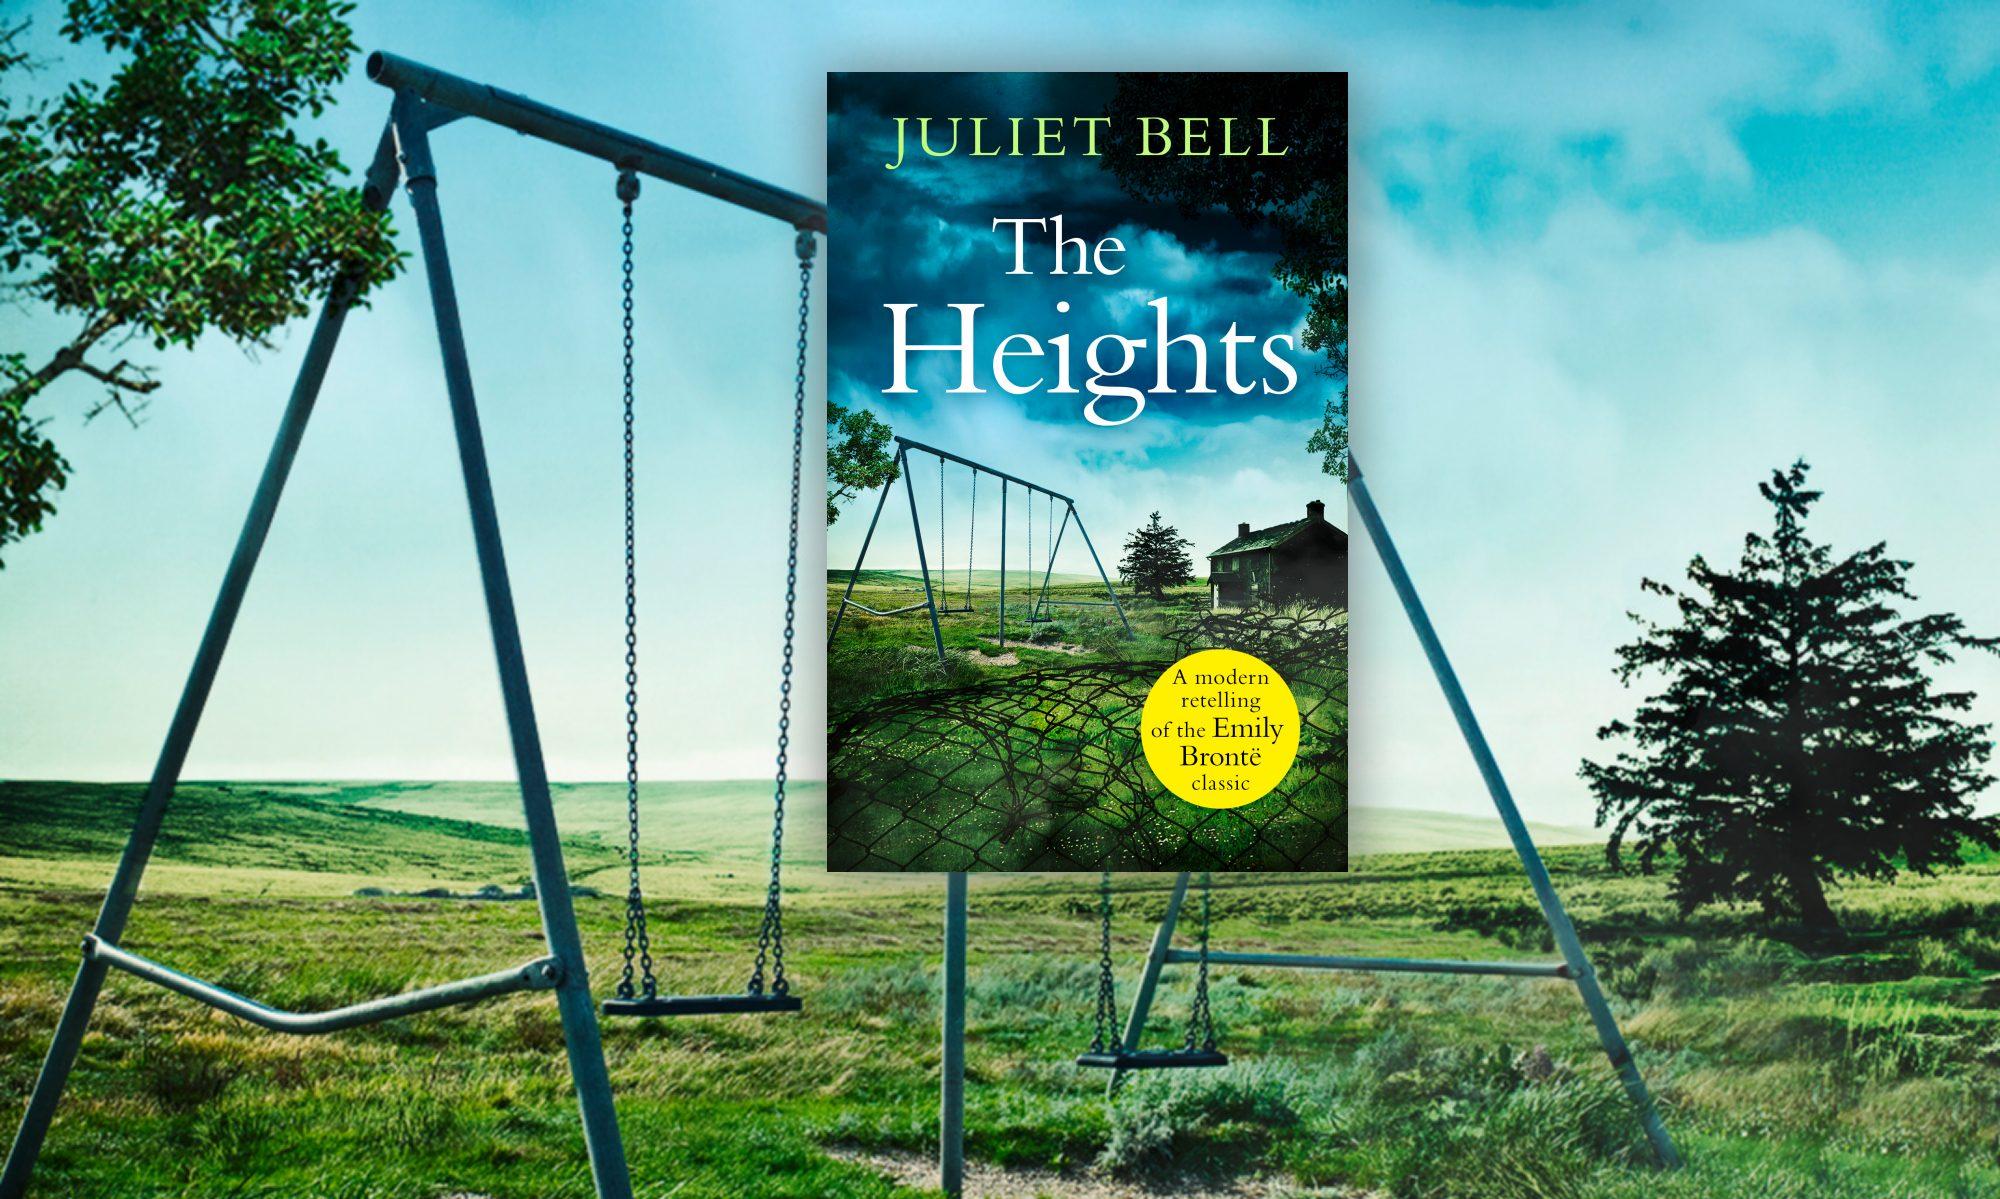 Juliet Bell